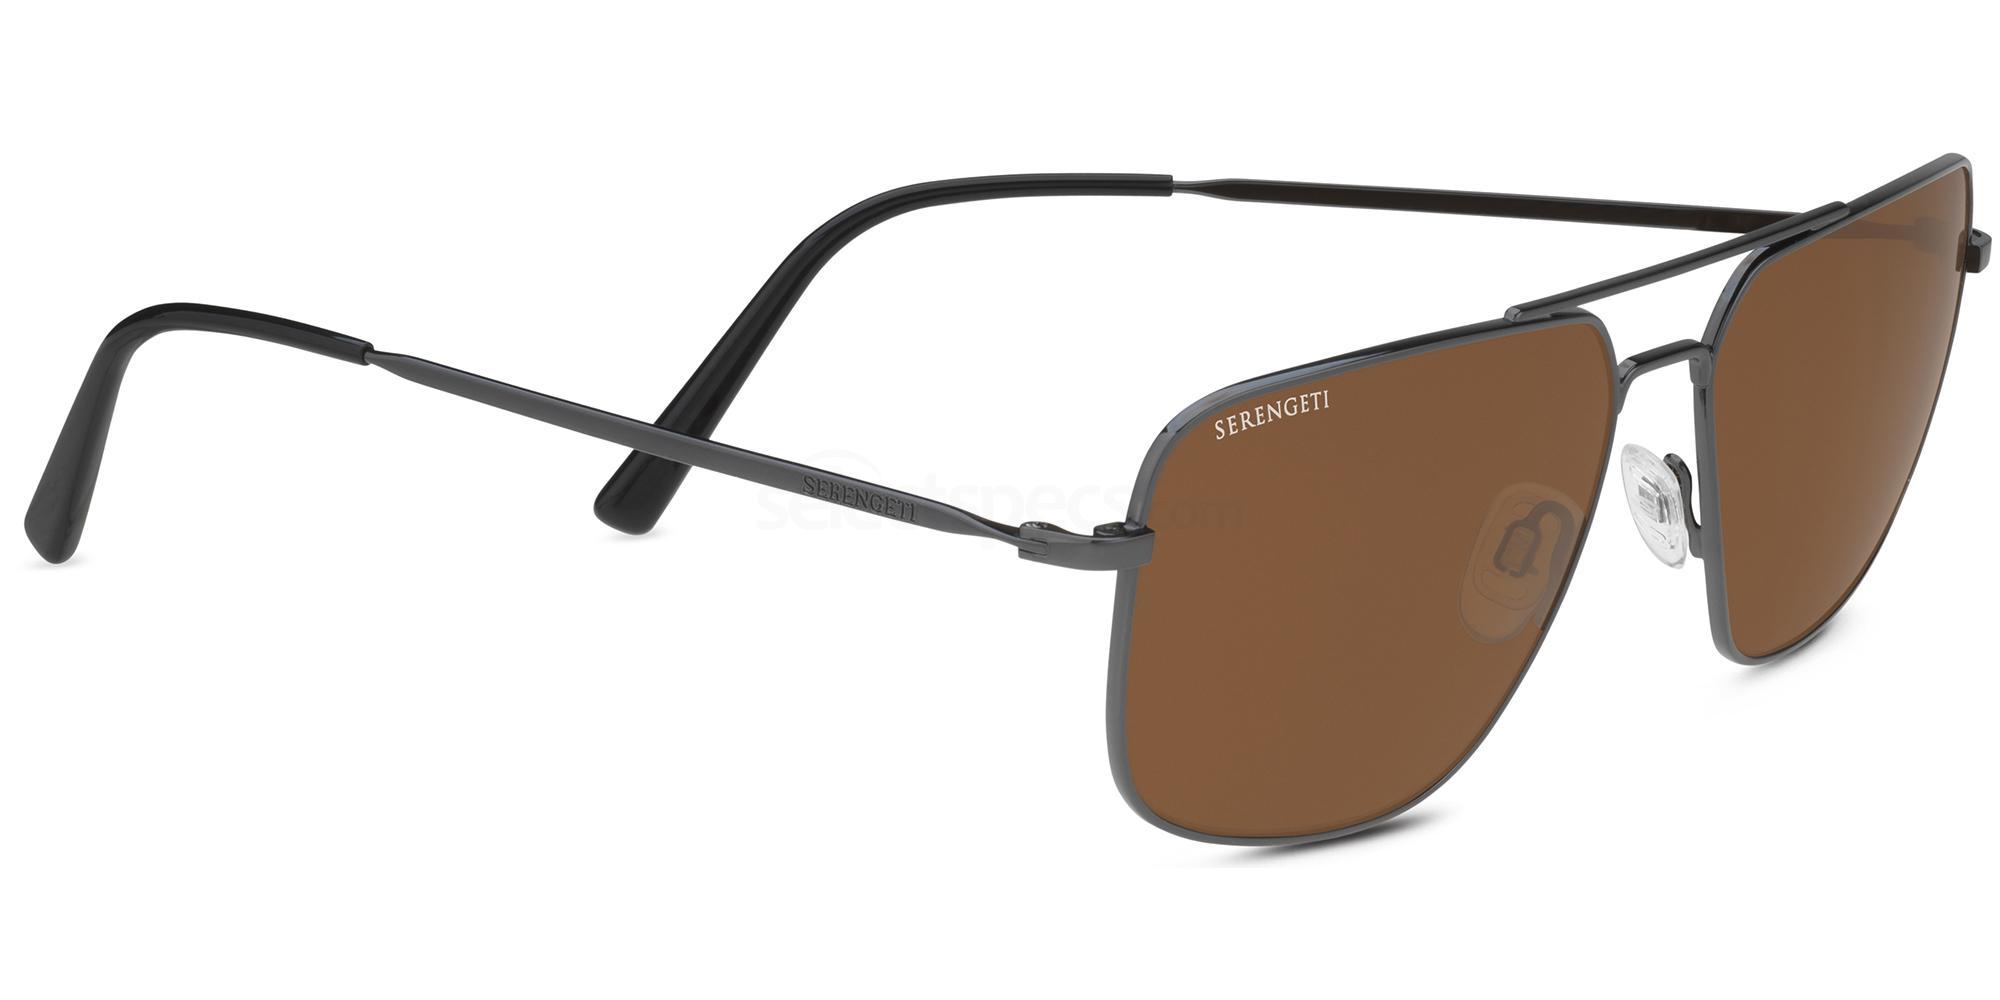 8824 AGOSTINO Sunglasses, Serengeti